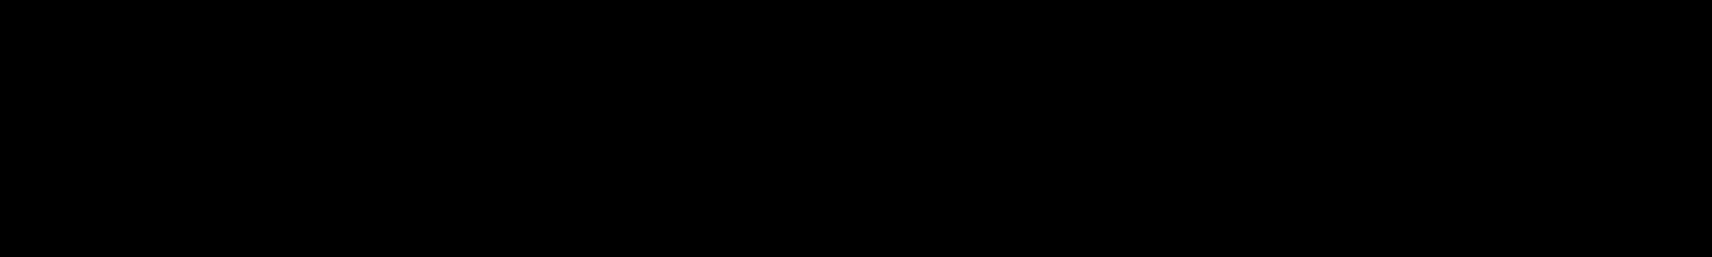 Header transparent v190219-8.png